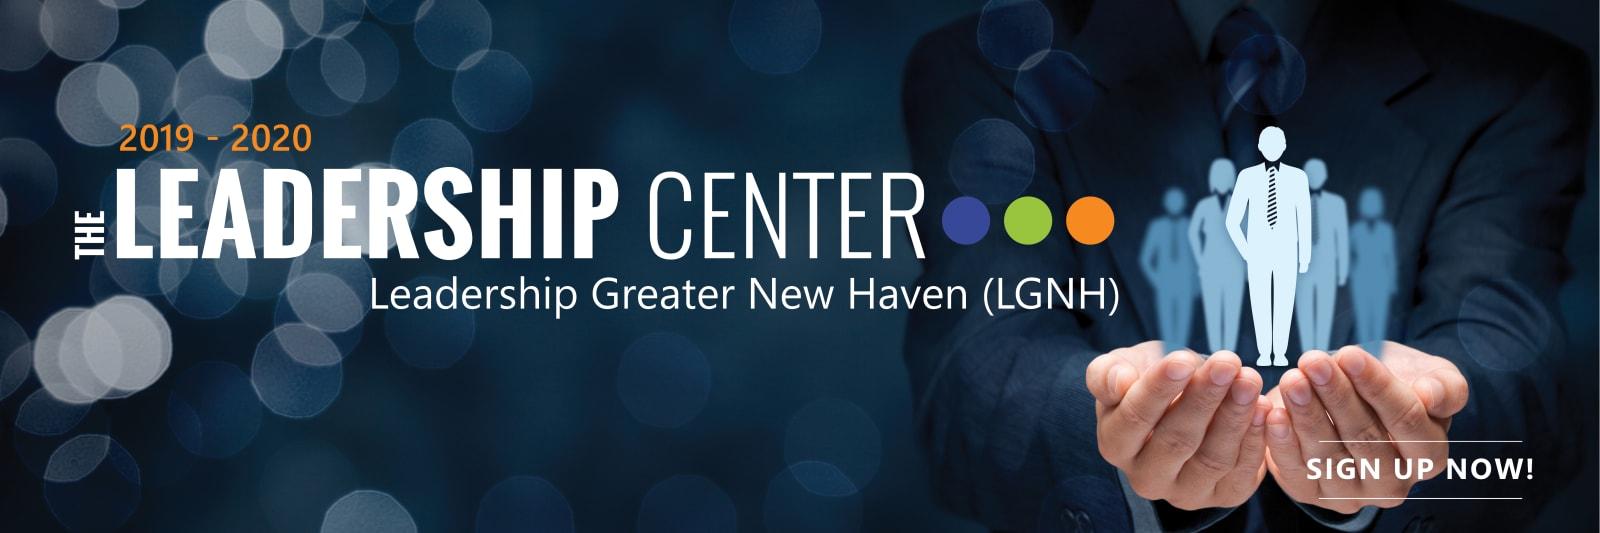 GNHCC_HomePageSliders_1600x533_2019-Leadership_2-w1600.jpg